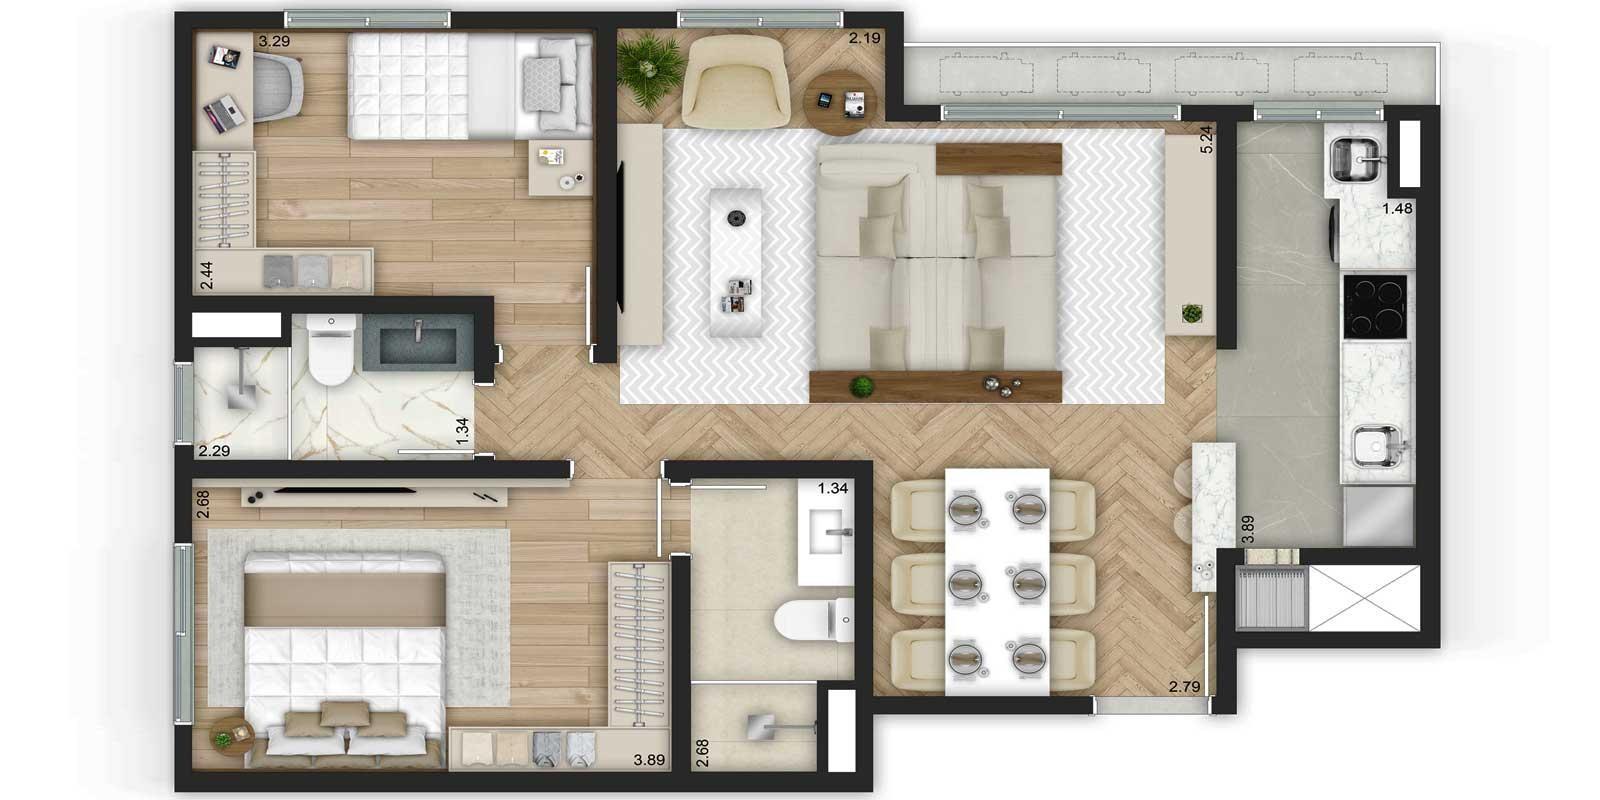 TPS Imóveis - Veja Foto 29 de 32 do Apartamentos de 2 e 3 dormitórios com suíte